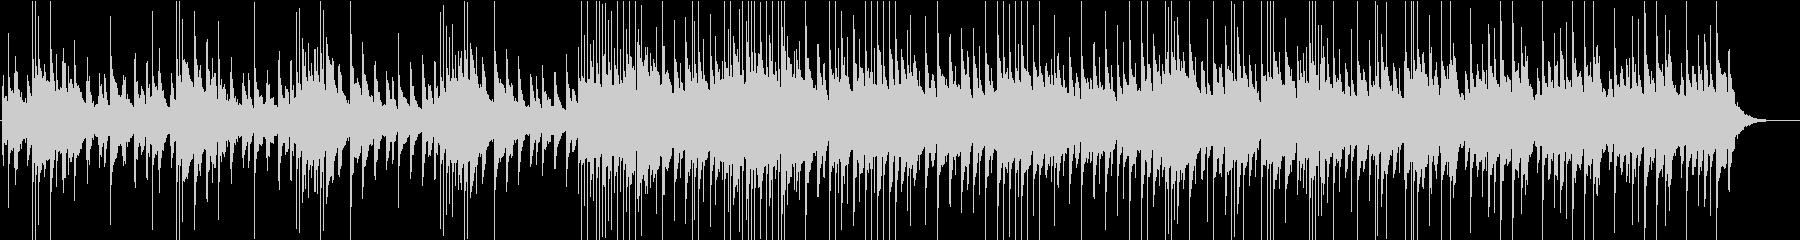 不思議な雰囲気のベルメインの曲の未再生の波形